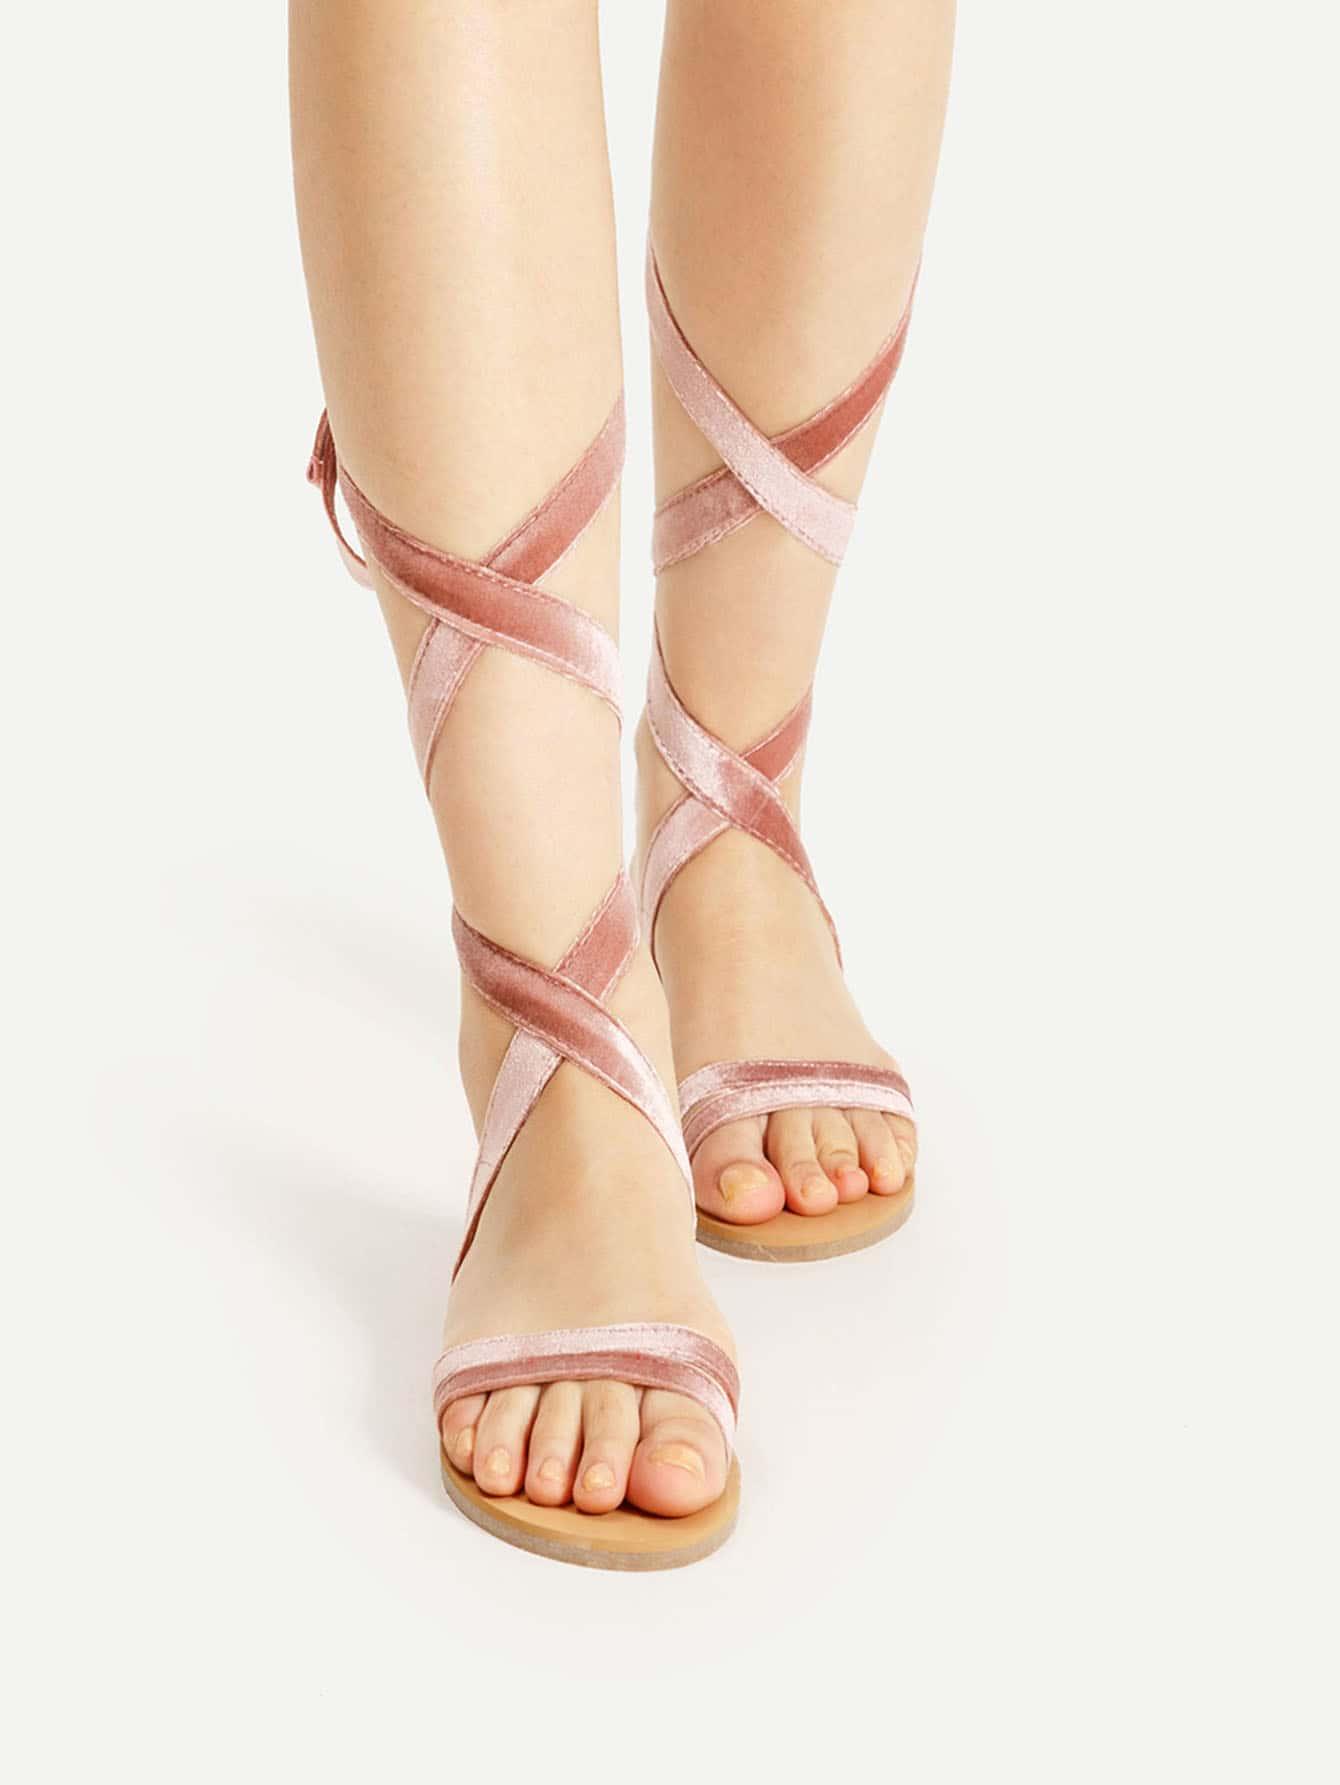 shoes170508802_2